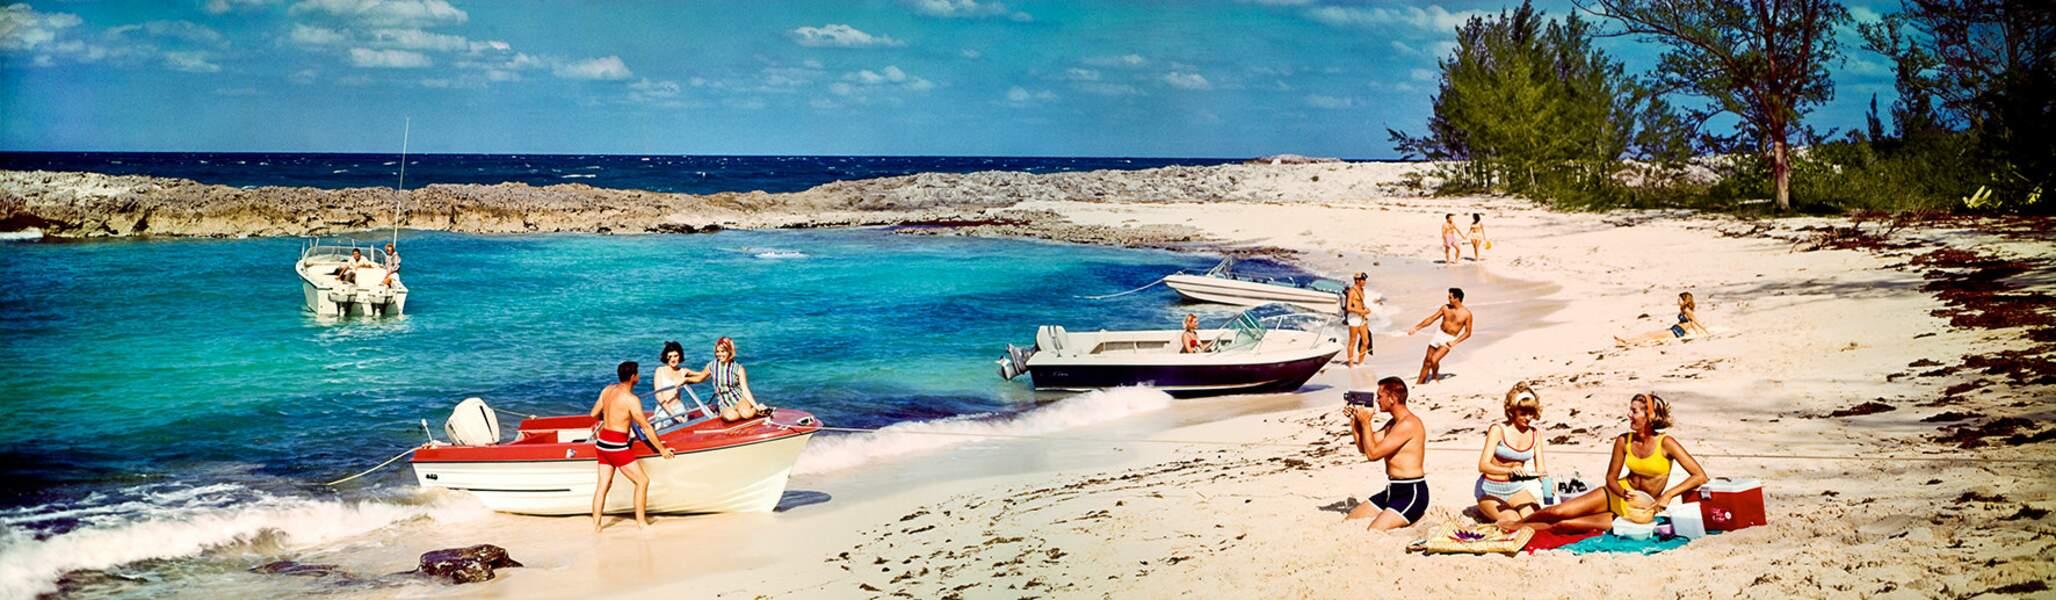 Nassau, Bahamas, n.d